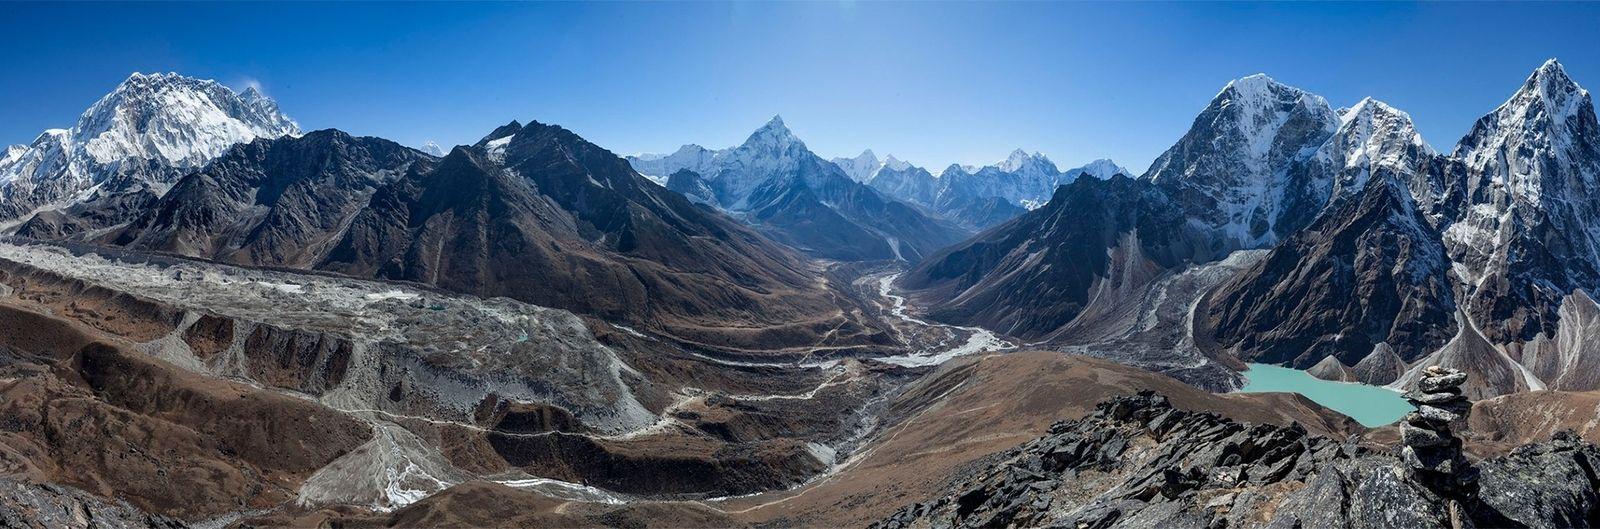 Gletscherseen im Khumbu-Tal